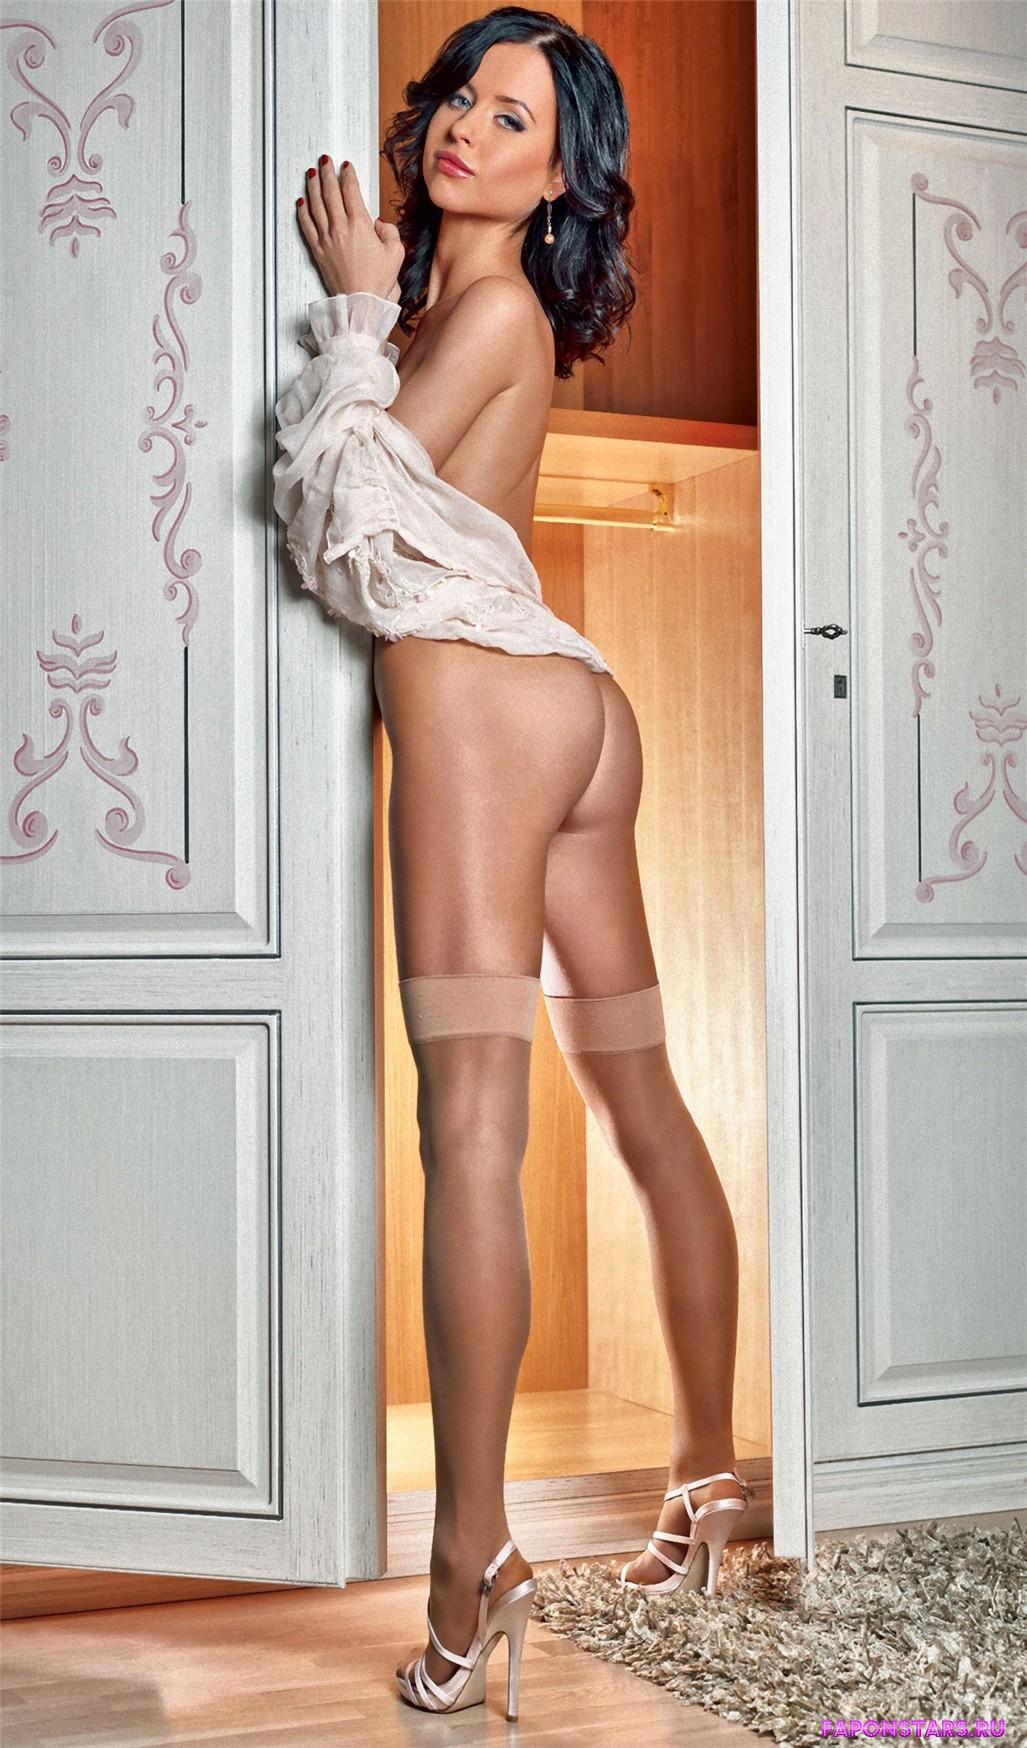 Маша карпович голая секс видео